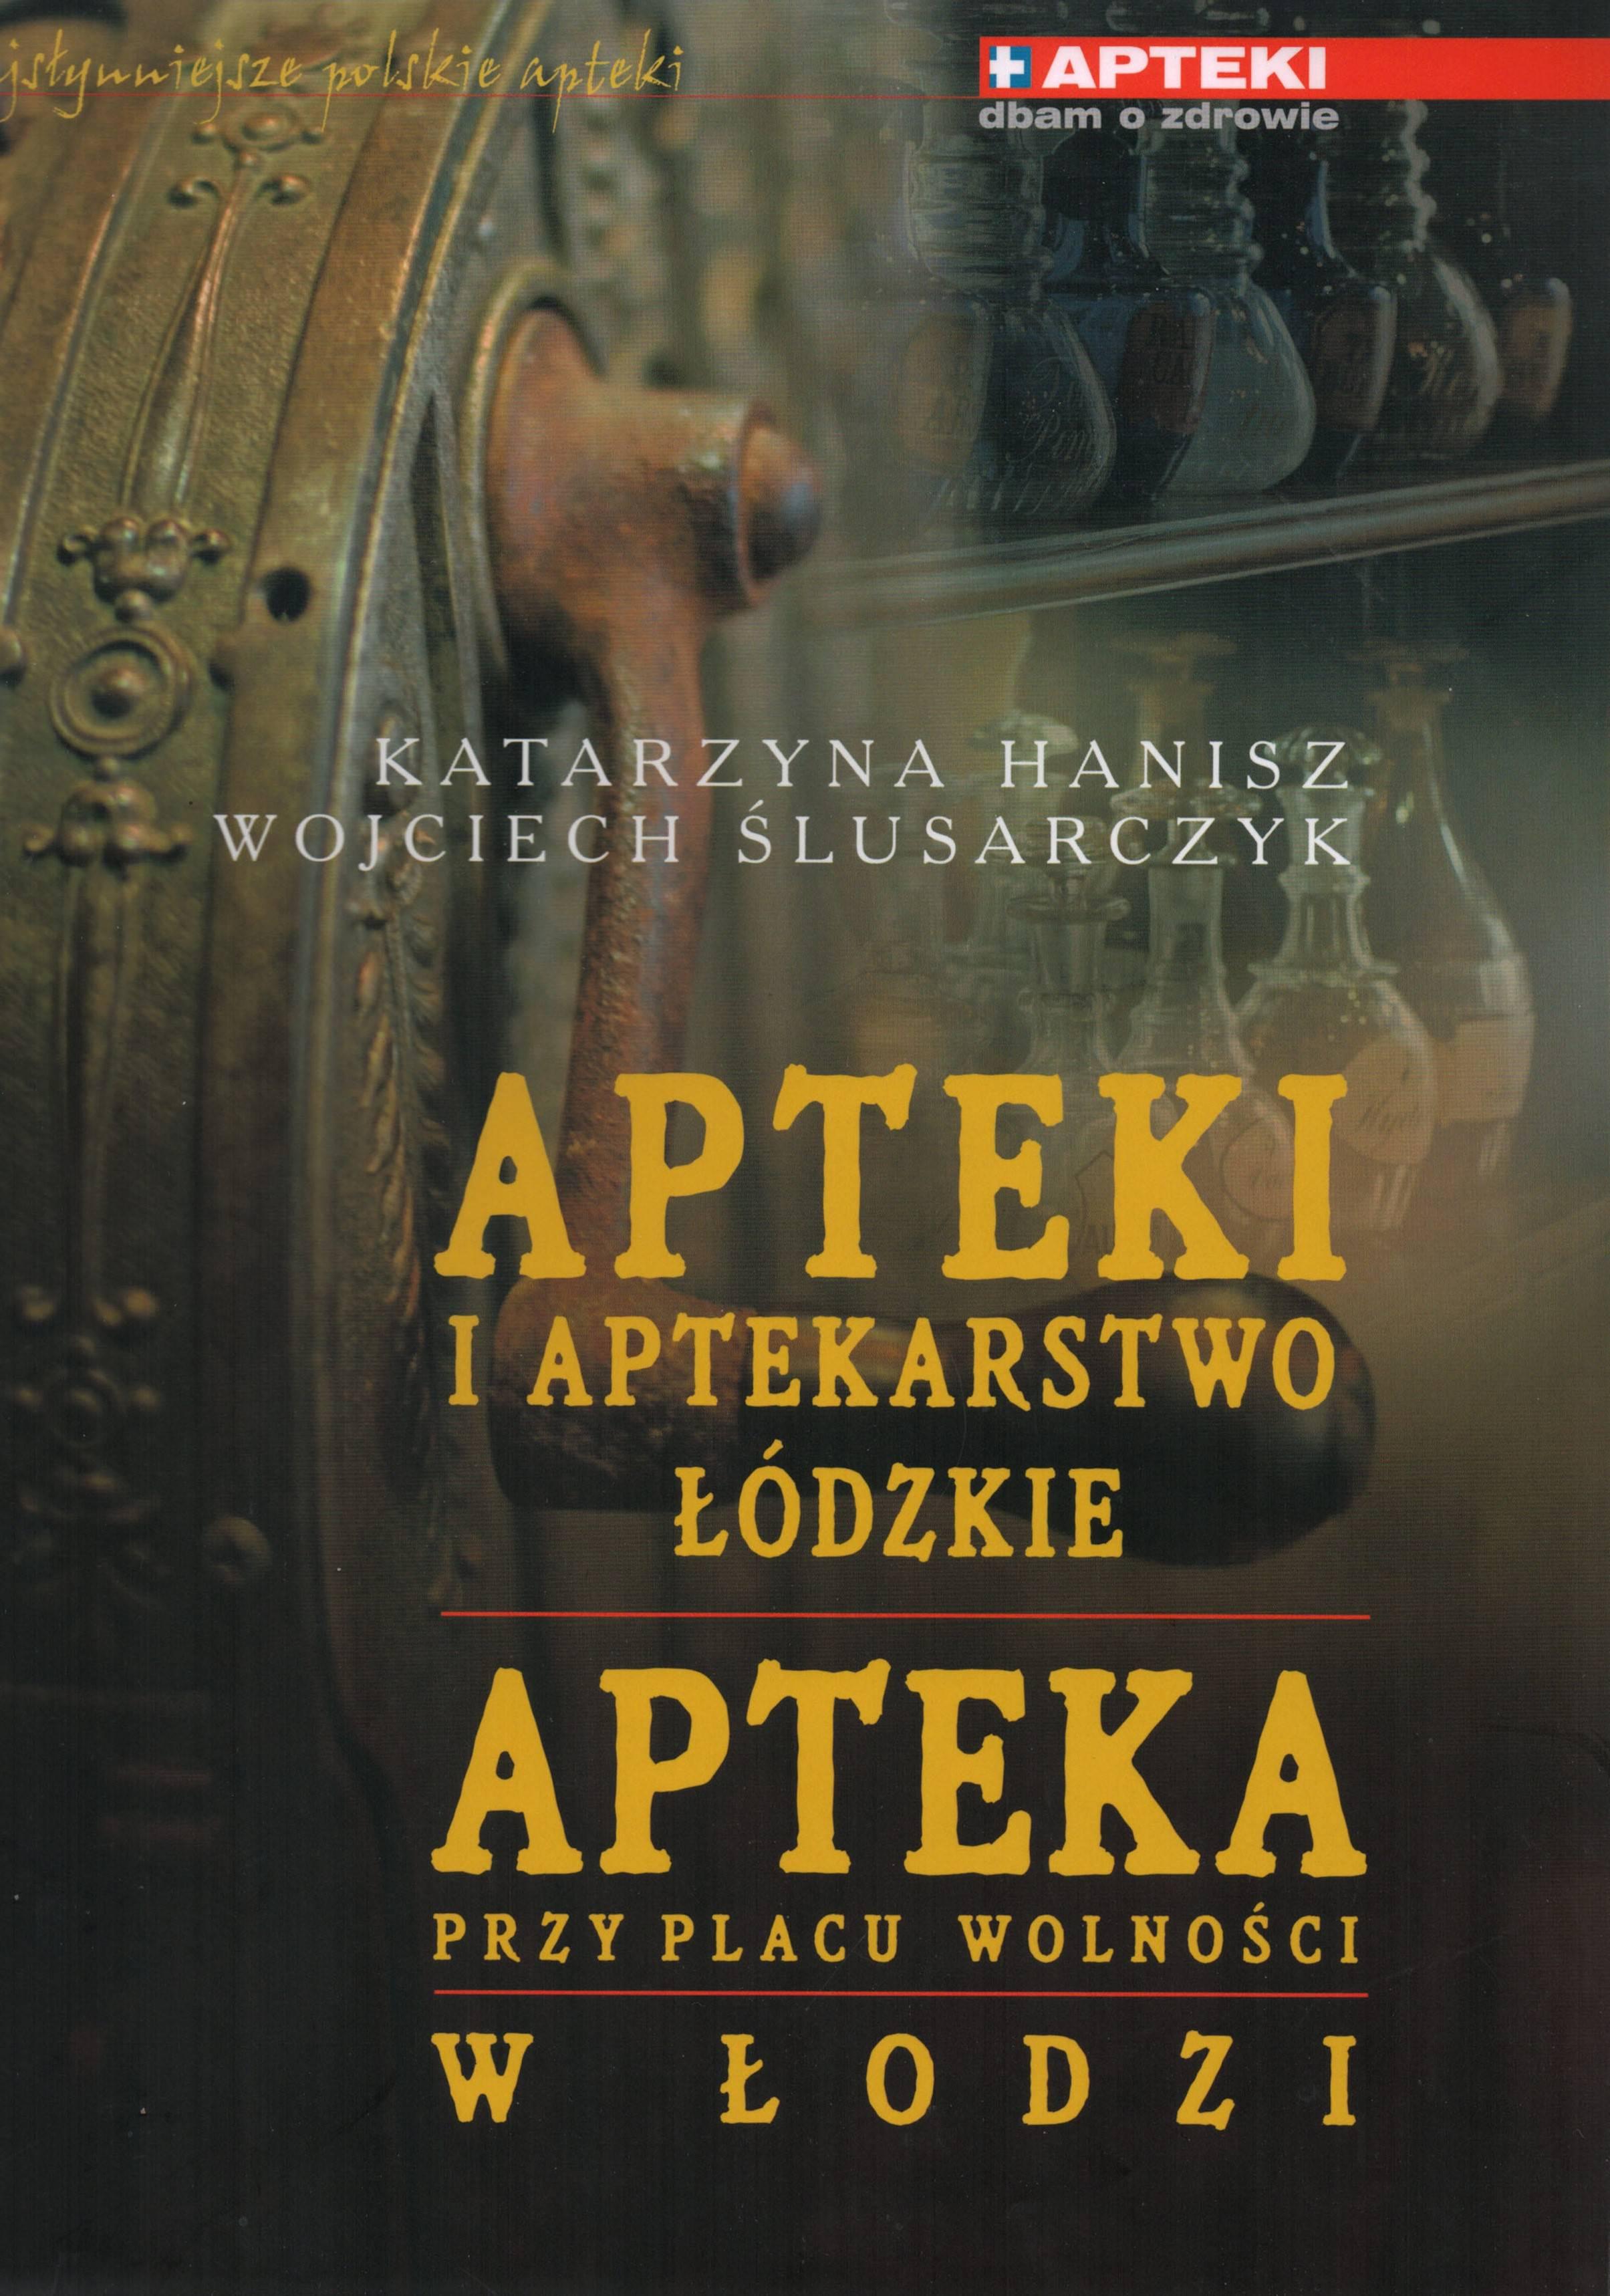 Apteki i aptekarstwo łódzkie Apteka Przy Placu Wolności w Łodzi